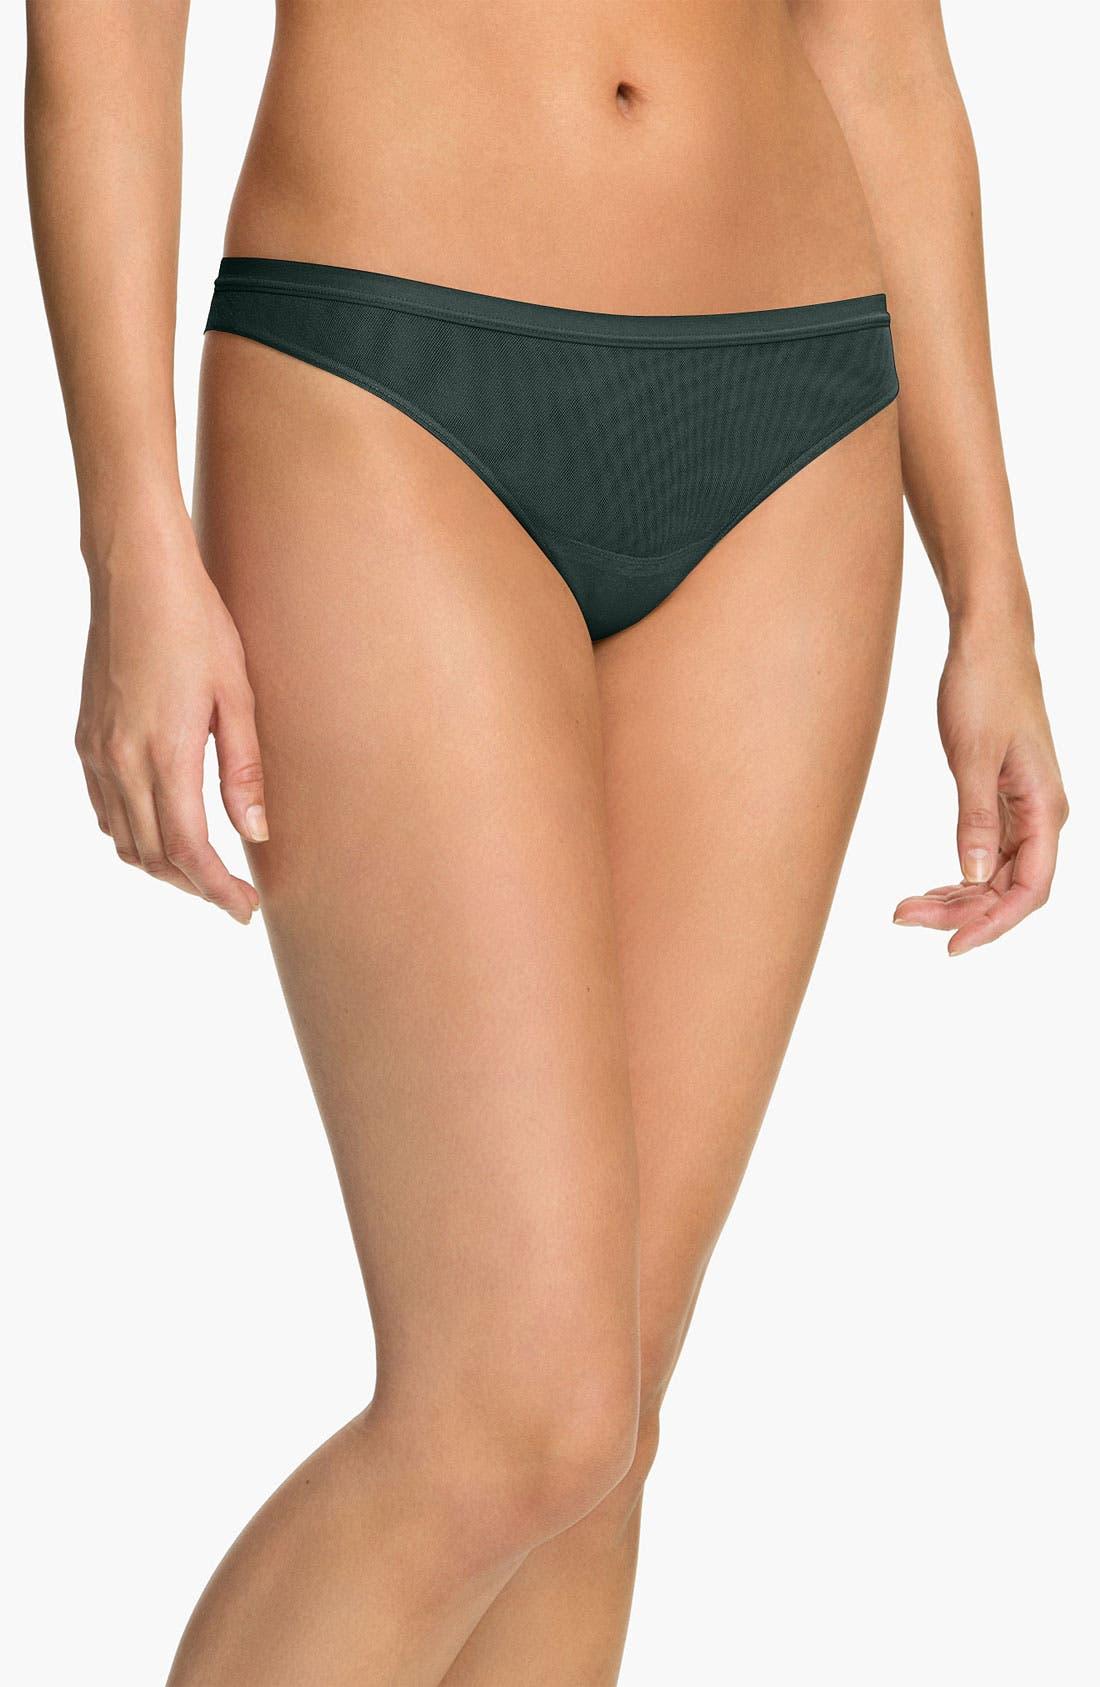 Alternate Image 1 Selected - Cosabella 'New Soire' Brazilian Minikini